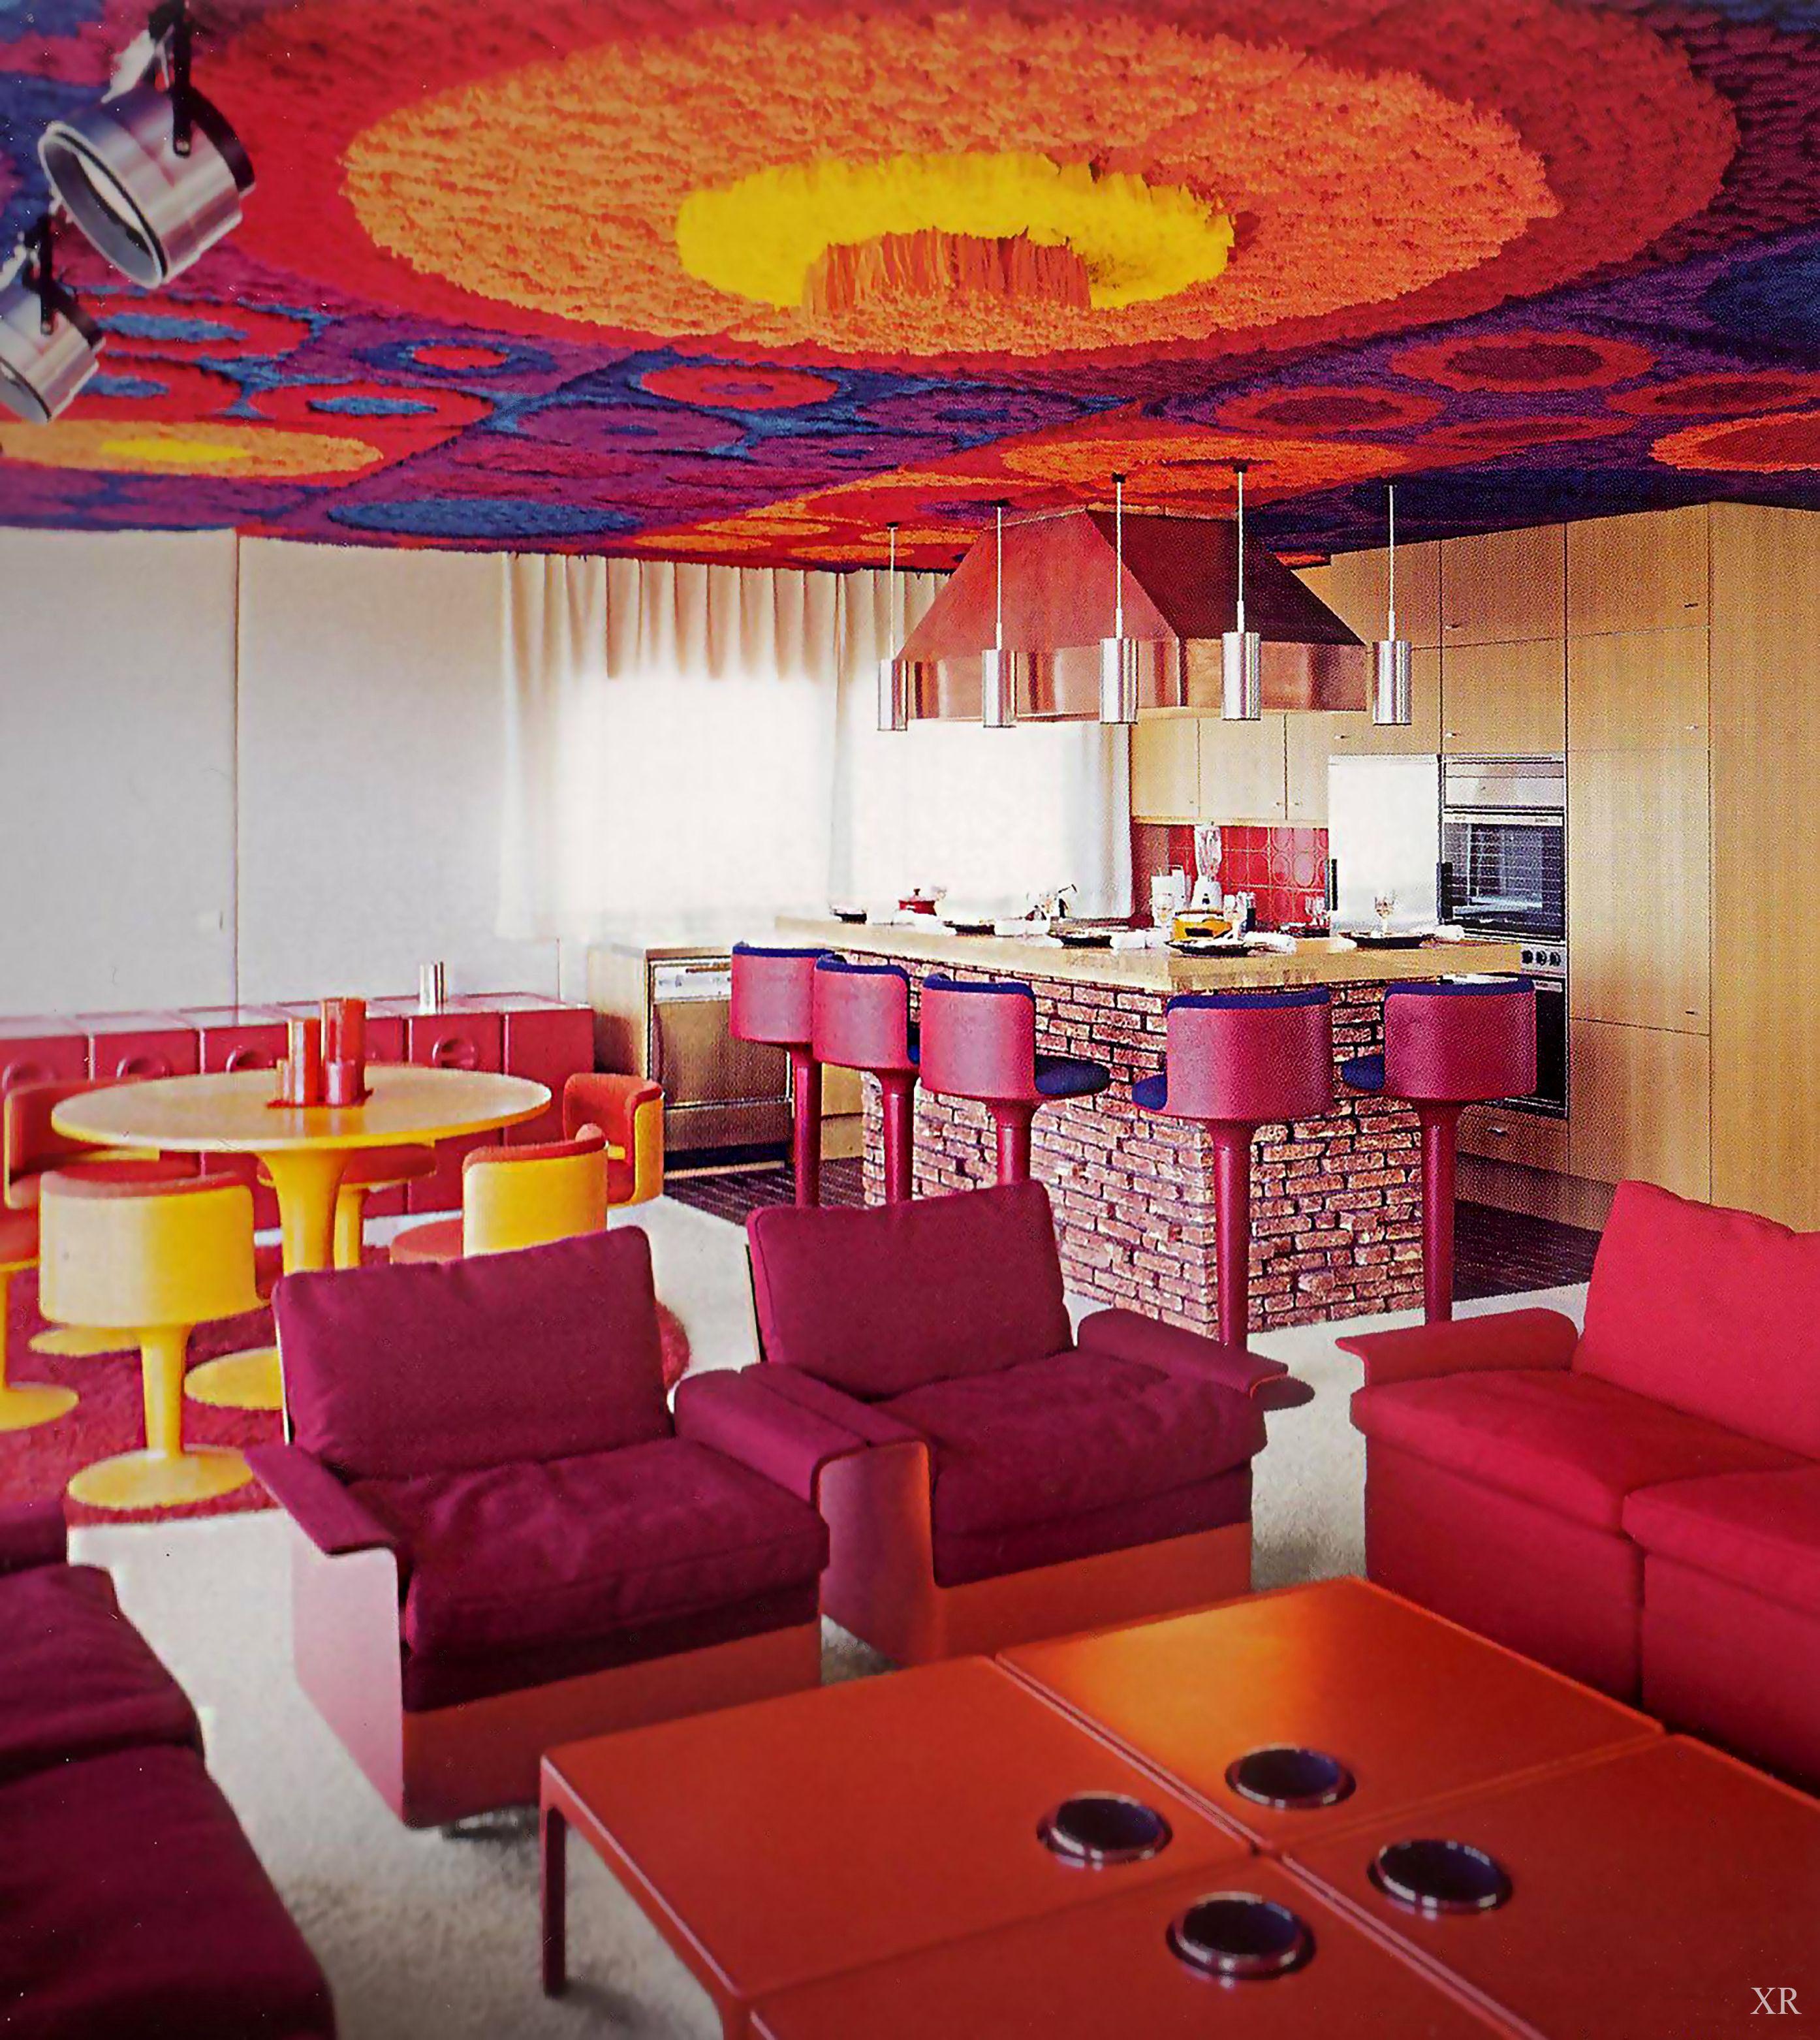 Fiberglass House By Fg Design Wolfgang Feierbach (1968 1970)